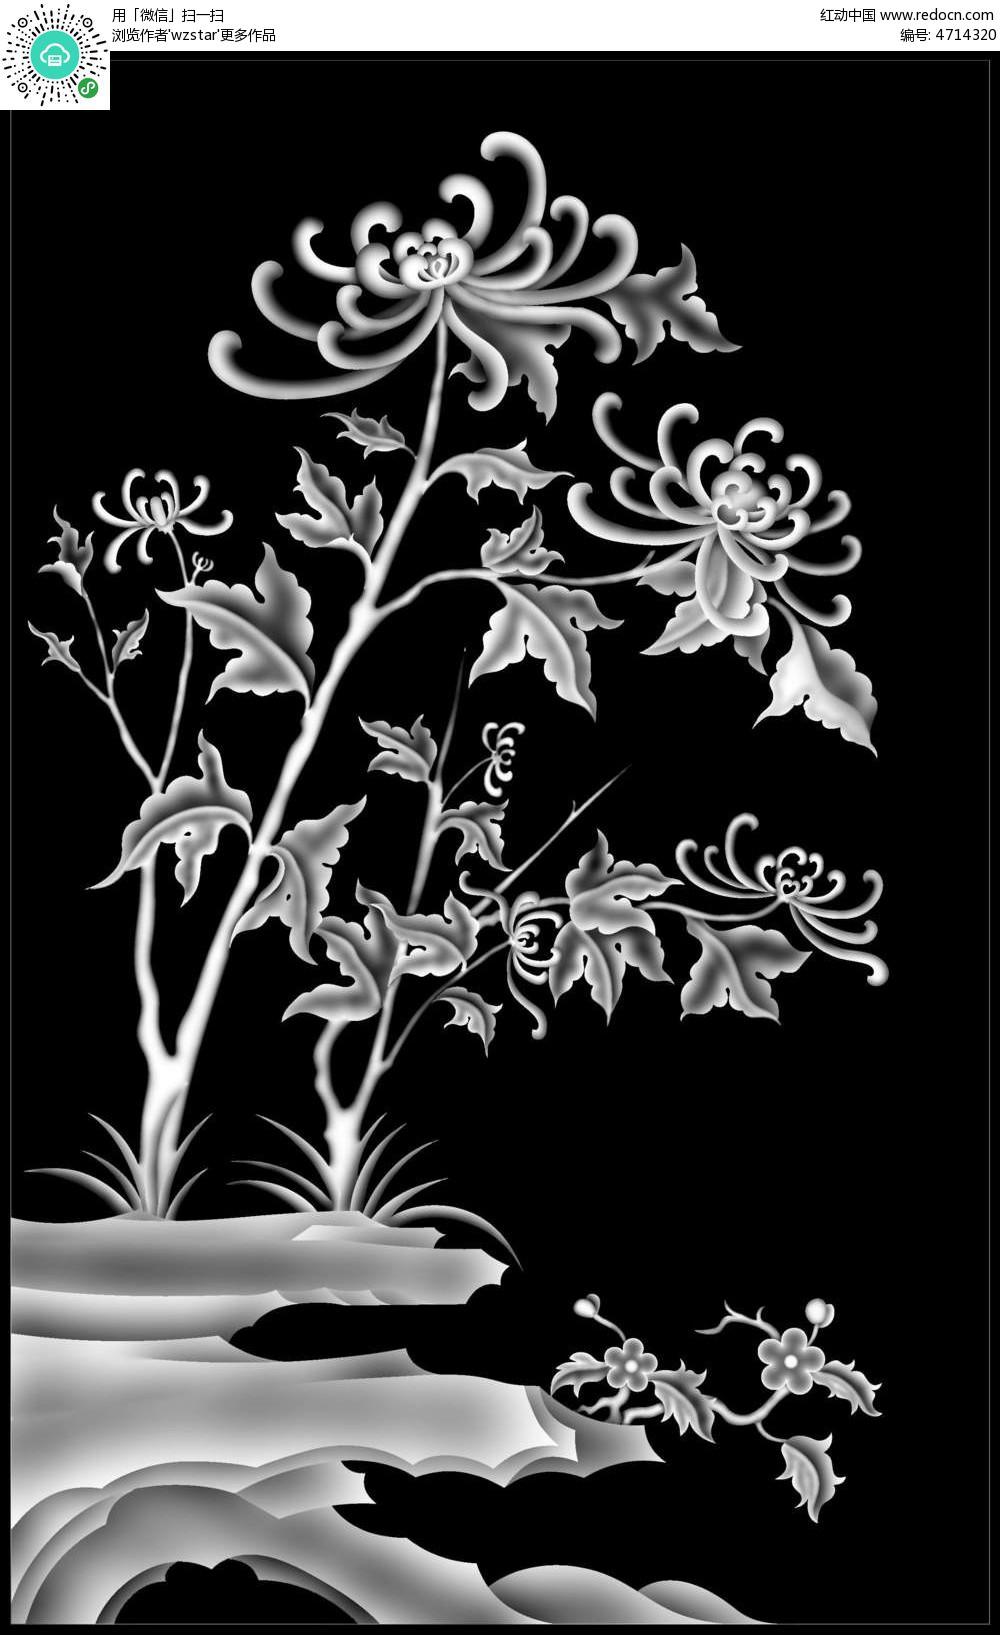 中式风格 植物 花鸟画 浮雕 浮雕灰度图 浮雕图模板 雕花 灰度图 黑白图片